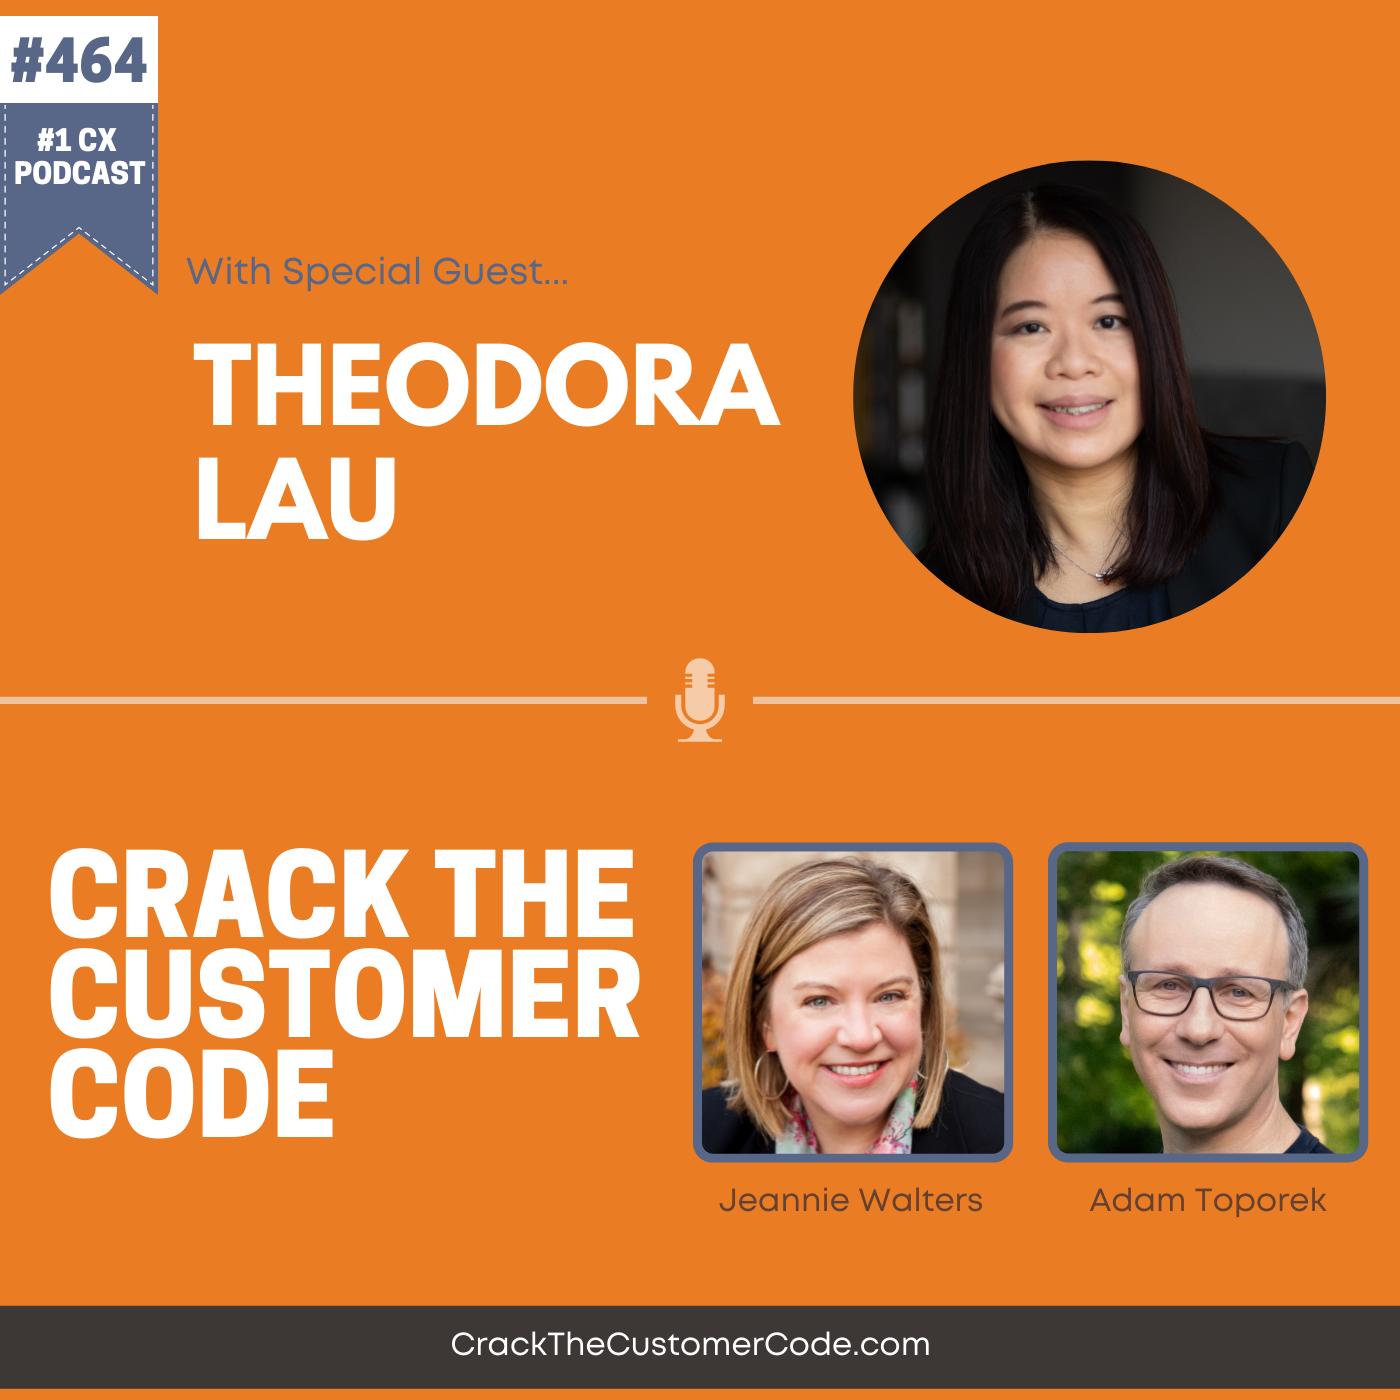 464: Theodora Lau